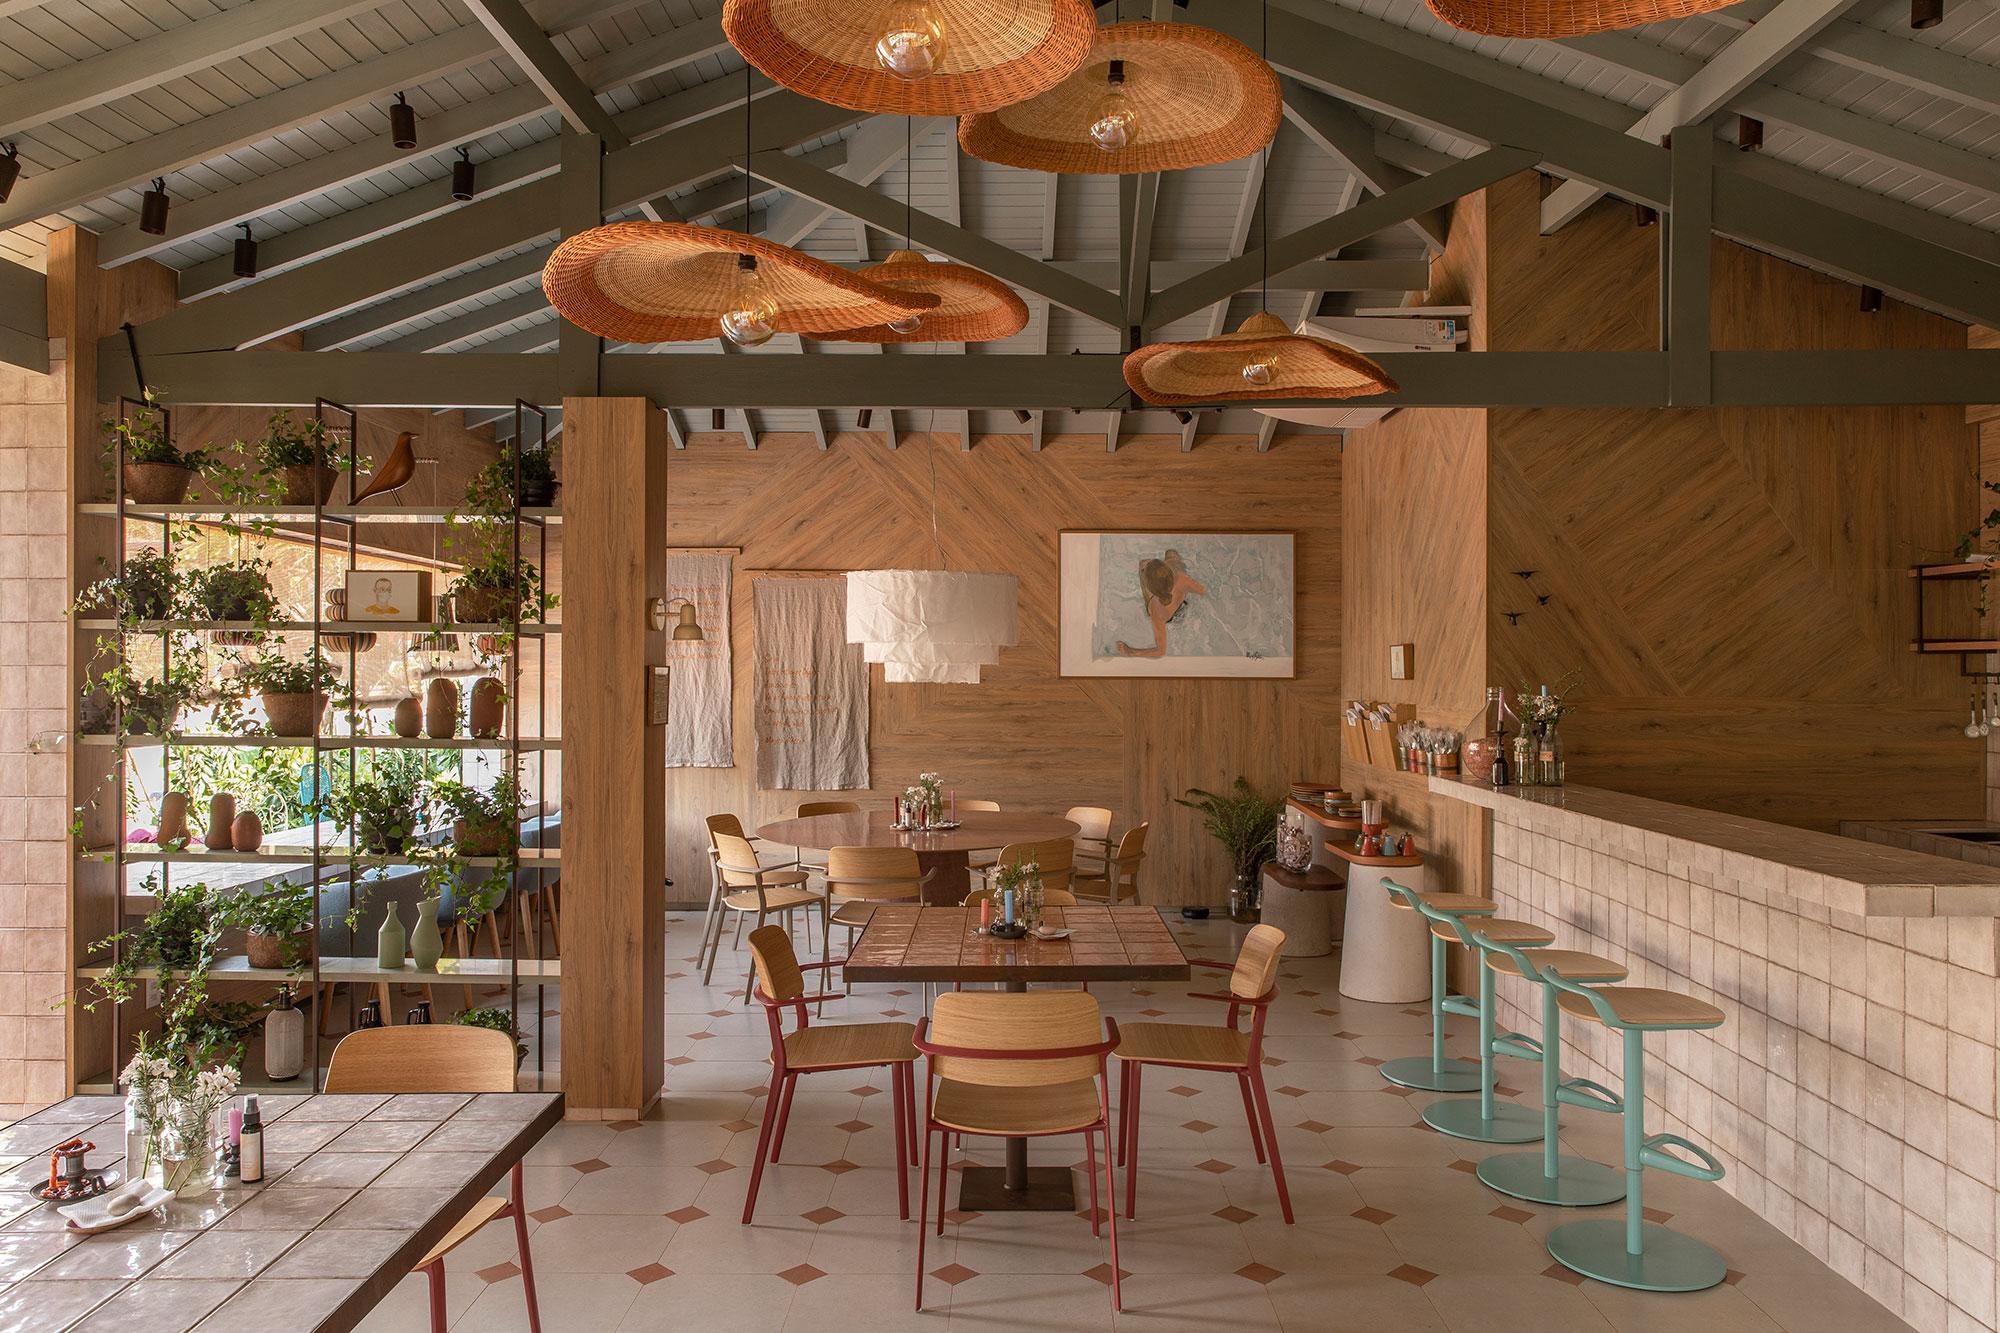 Restaurante Arauco, ambiente da CASACOR Ribeirão Preto 2021 por Cacau Ribeiro.